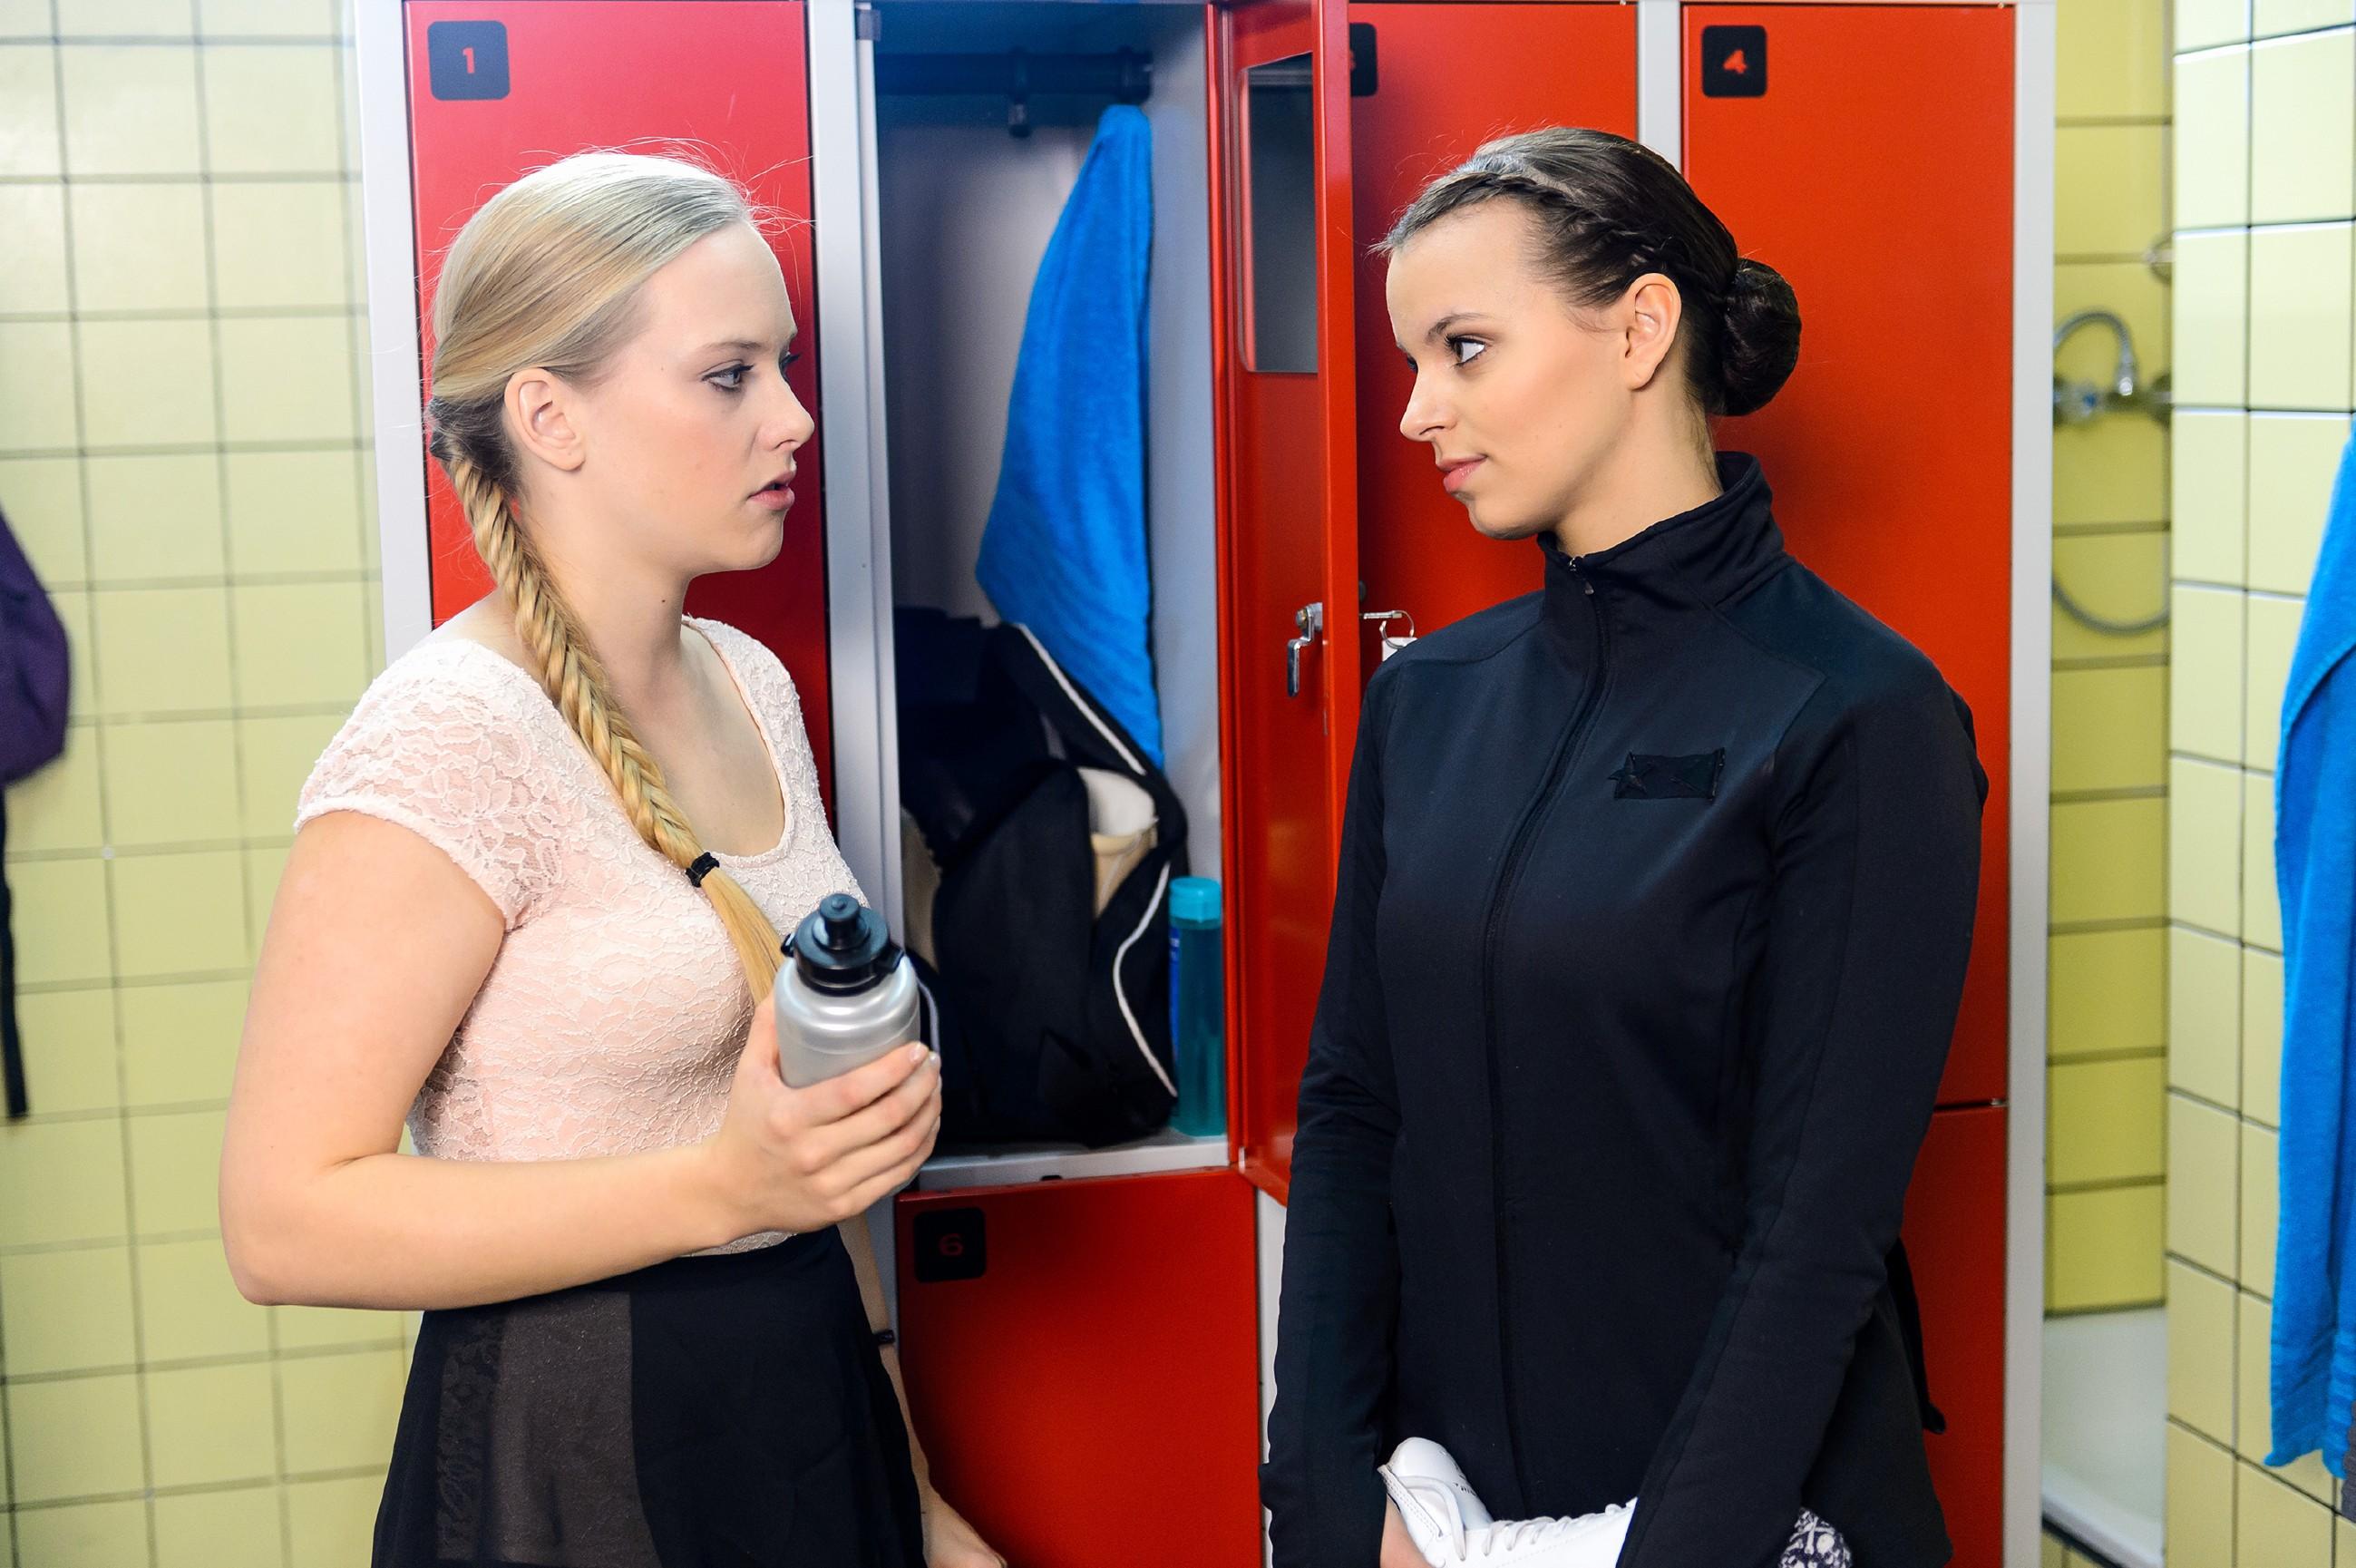 Marie (Judith Neumann, l.) versucht einmal mehr, Michelles (Franziska Benz) Sticheleien an sich abprallen zu lassen. (Quelle: RTL / Willi Weber)